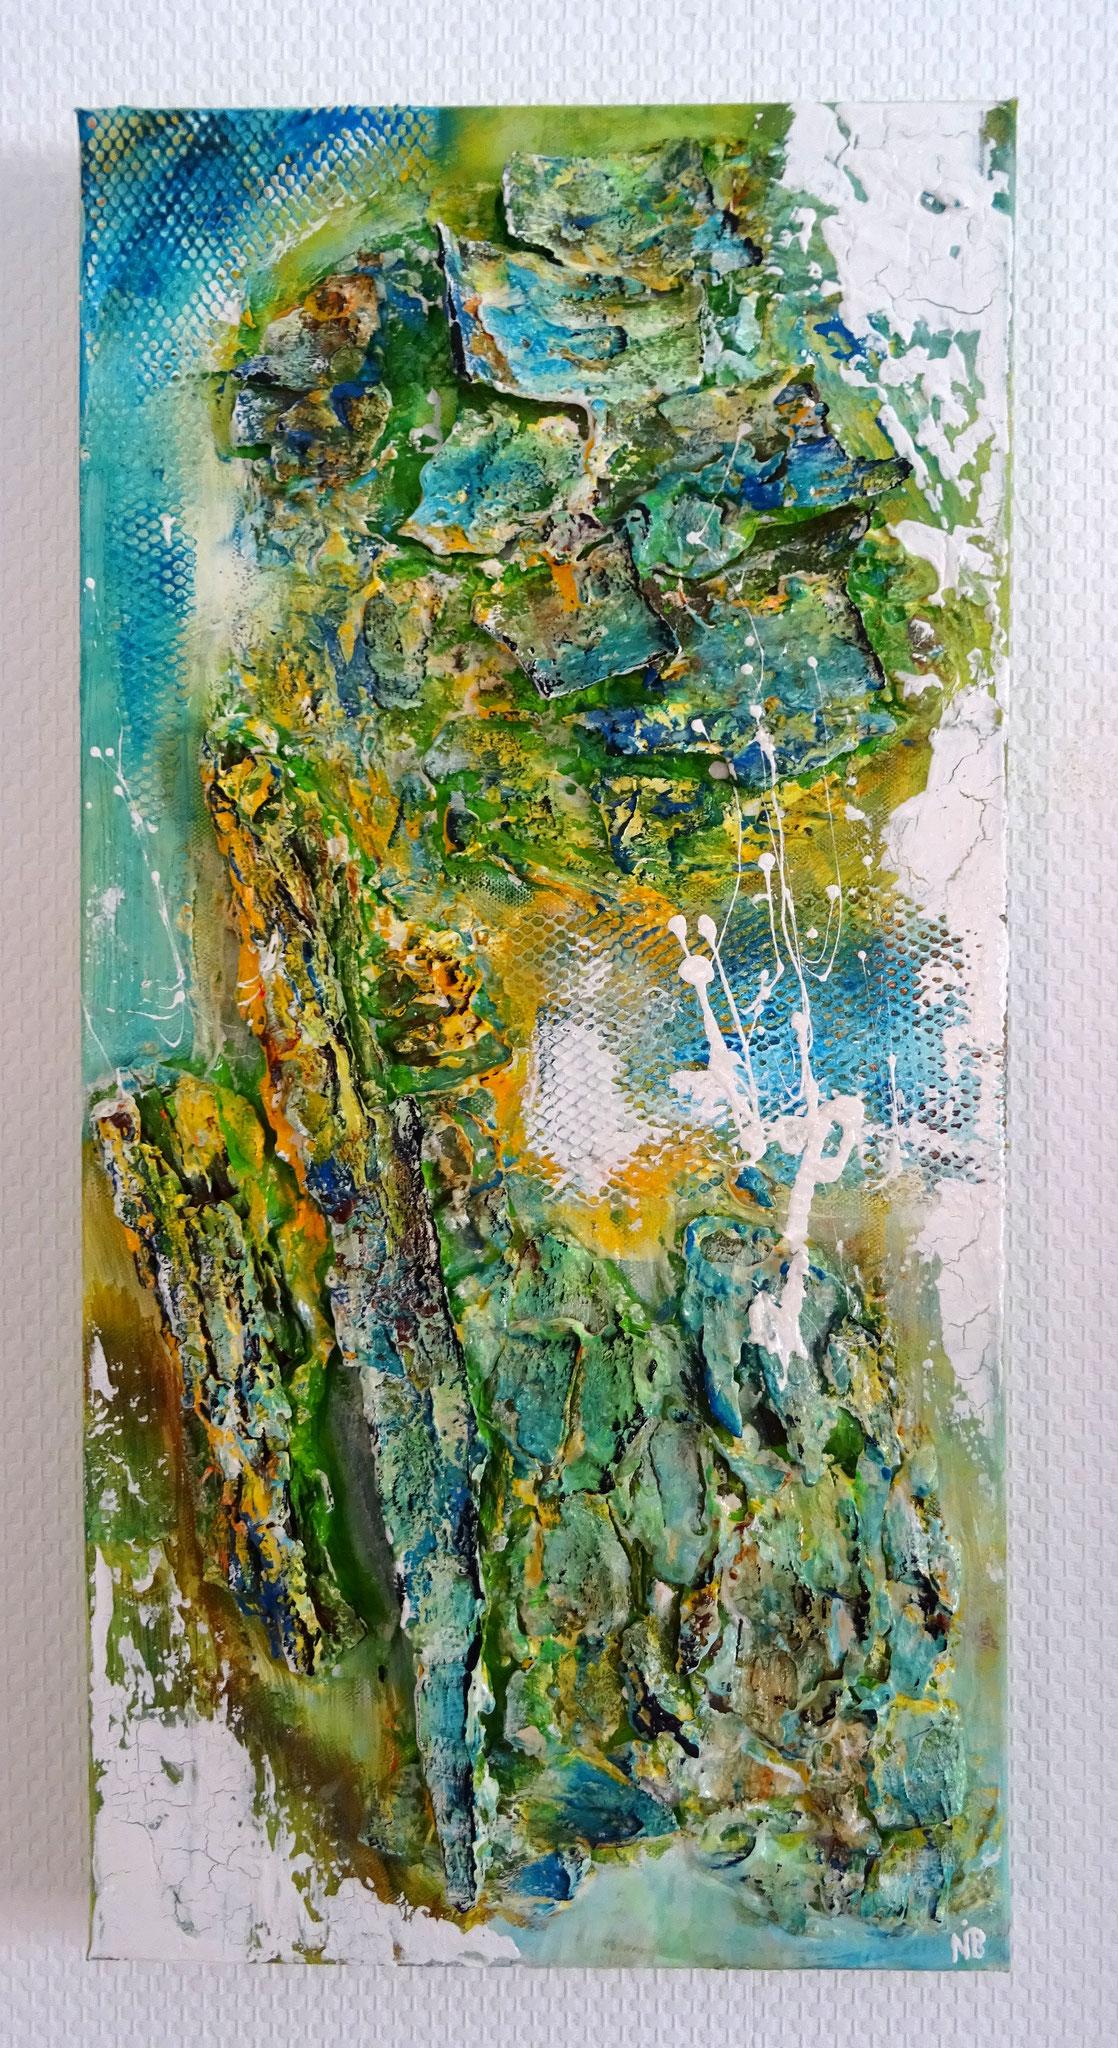 """Schneeschmelze (30x60x4) - aus der Kunst-Reihe """"Back to nature"""" - Applikationen aus  Rinde und Borke"""